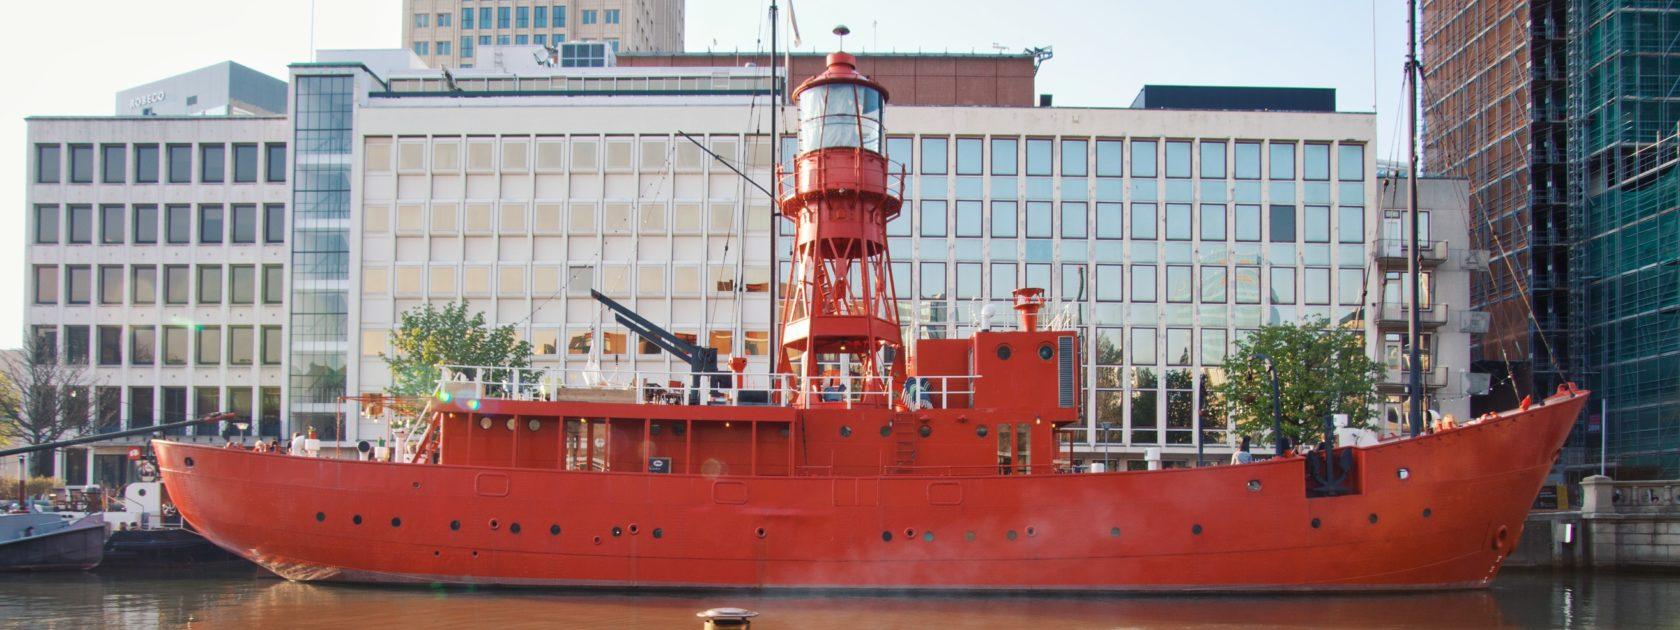 Een varende hot tub: hoe leuk is dat?! De HotTug is een elektrisch aangedreven boot waarin je tijdens je boottocht warm wordt gehouden door een hout gestookte kachel. Hiermee vaar je voor minimaal twee uur door de kanalen van Rotterdam en een vaarbewijs is niet nodig. Super leuk om met je vrienden te doen!